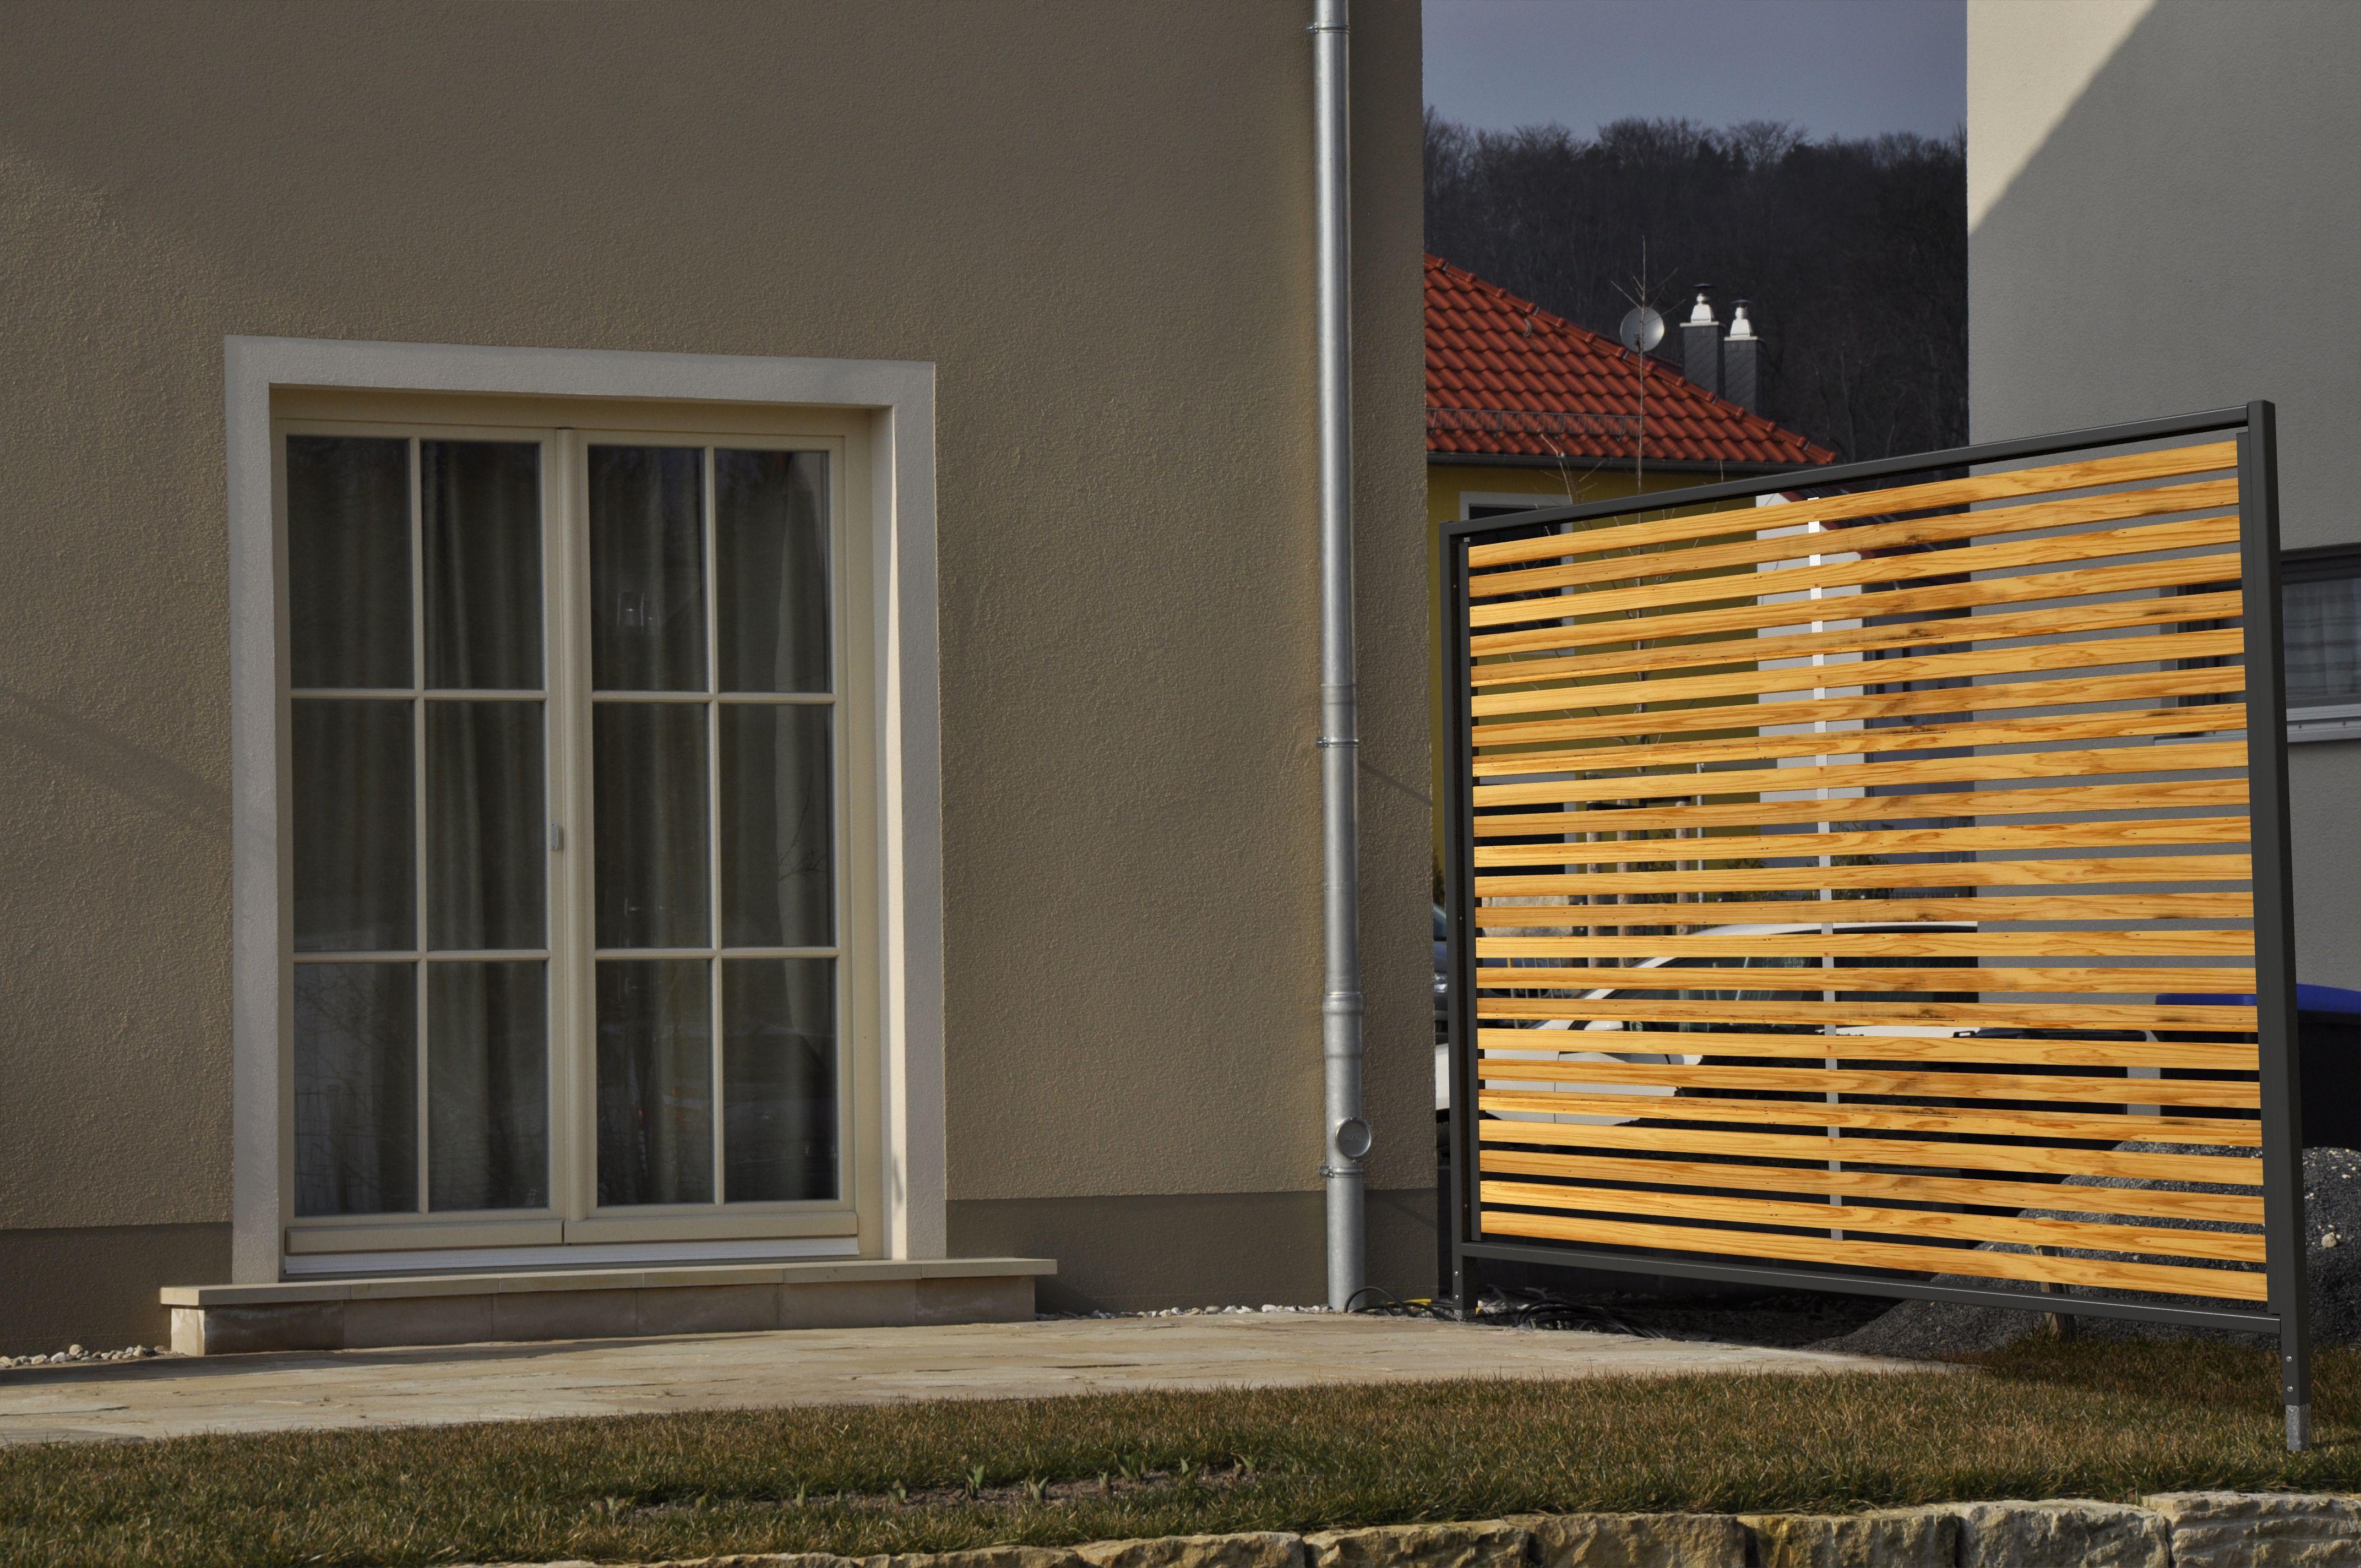 Gartenhaus Metall Ral 7016 Terrassenvordach Arbeitsbeispiele